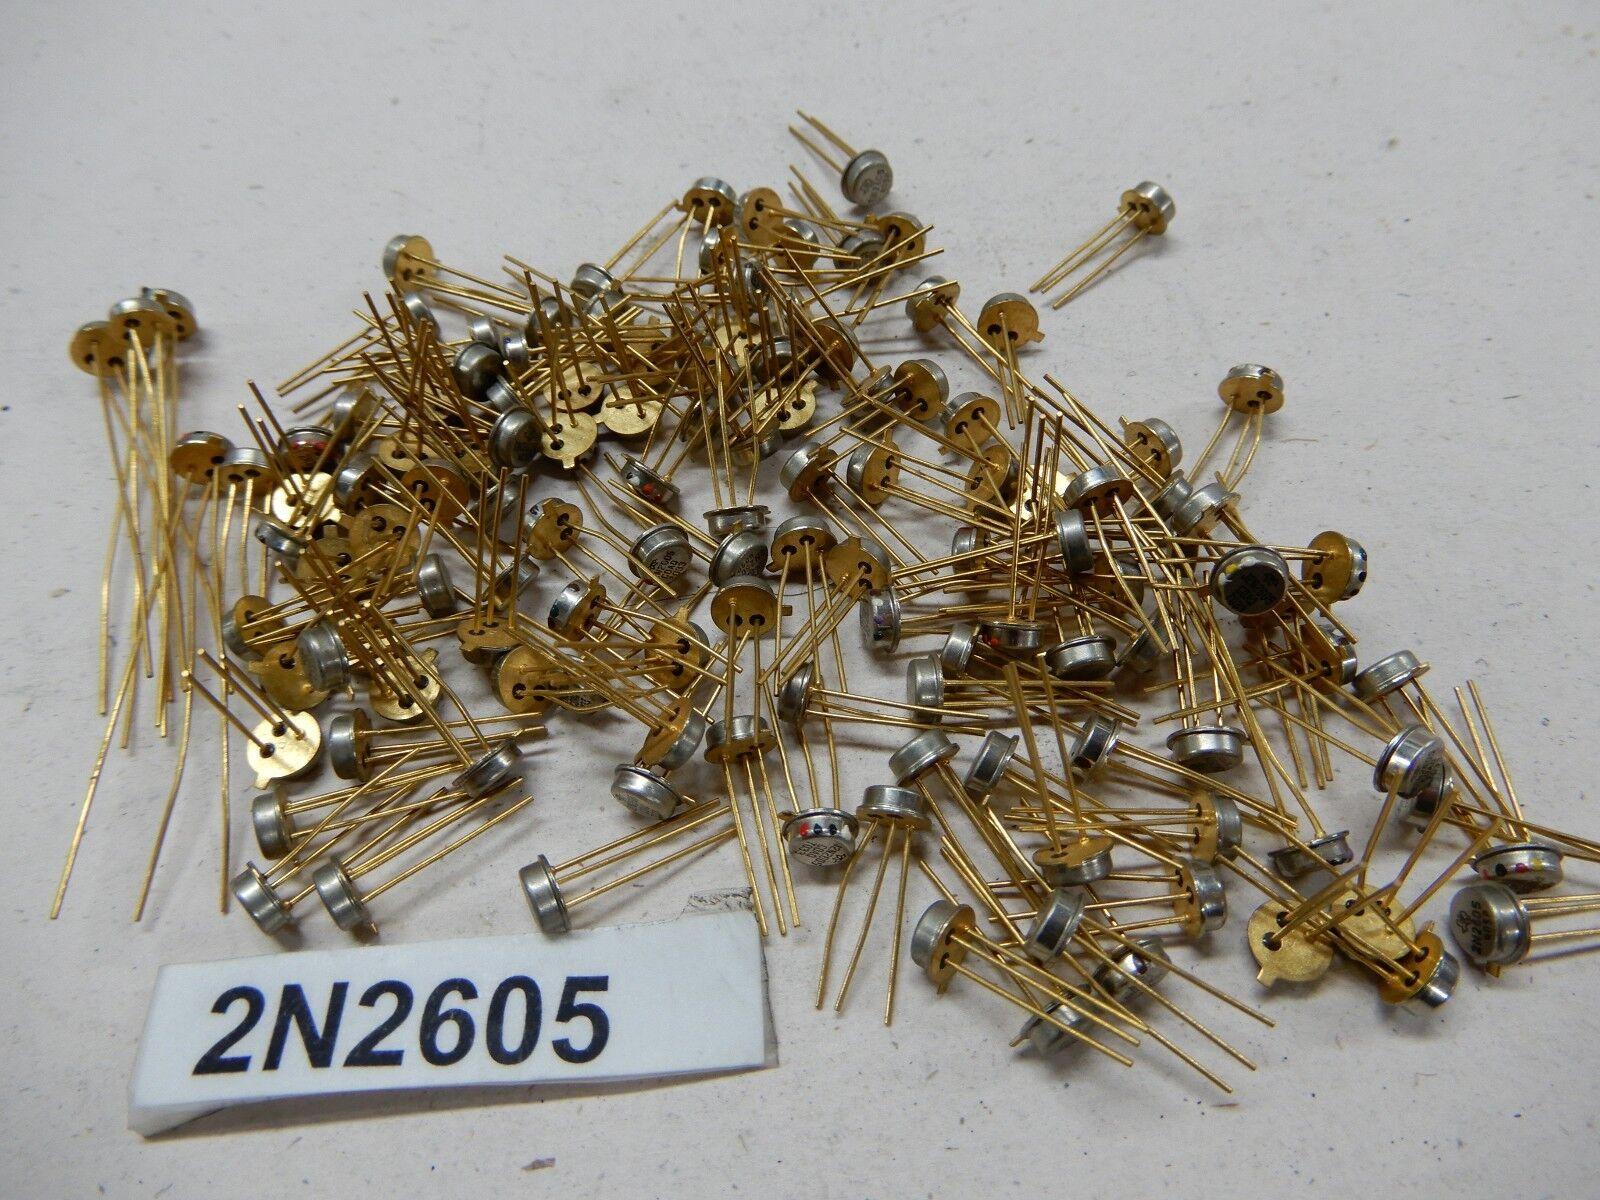 2N2605 Transistors NOS Gold Pins QTY 10 Only!! BGX